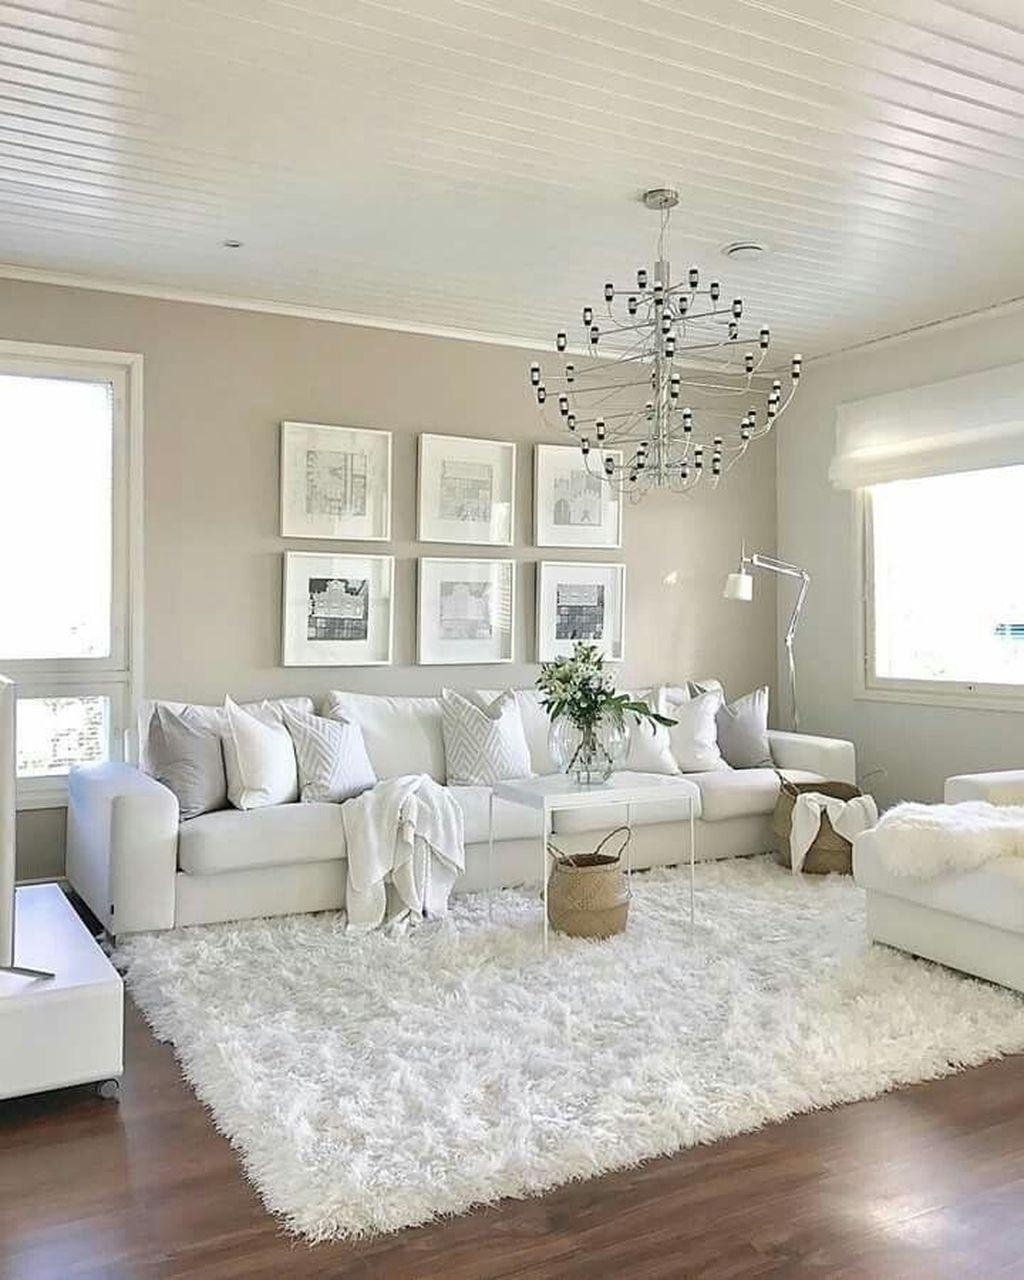 45 Modern White Living Room Design Ideas That Looks Amazing White Living Room Decor Elegant Living Room Decor Modern White Living Room White living room decor